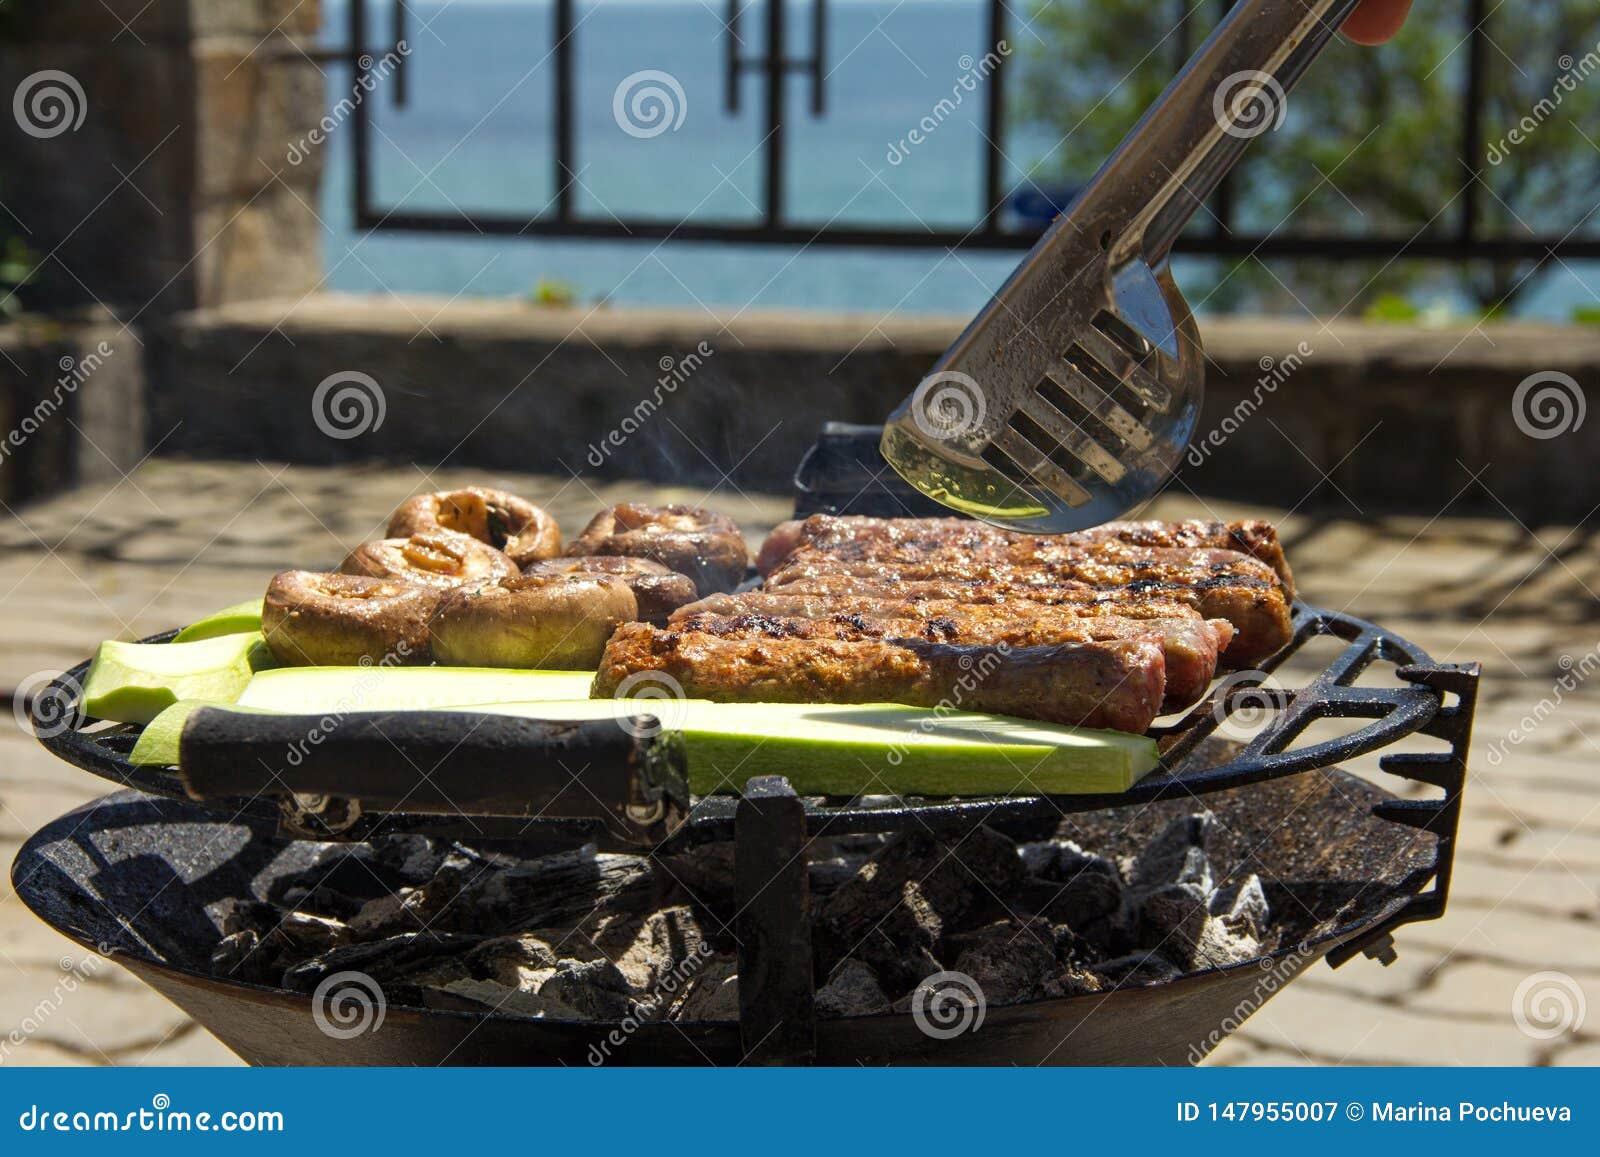 La comida se cocina en la parrilla